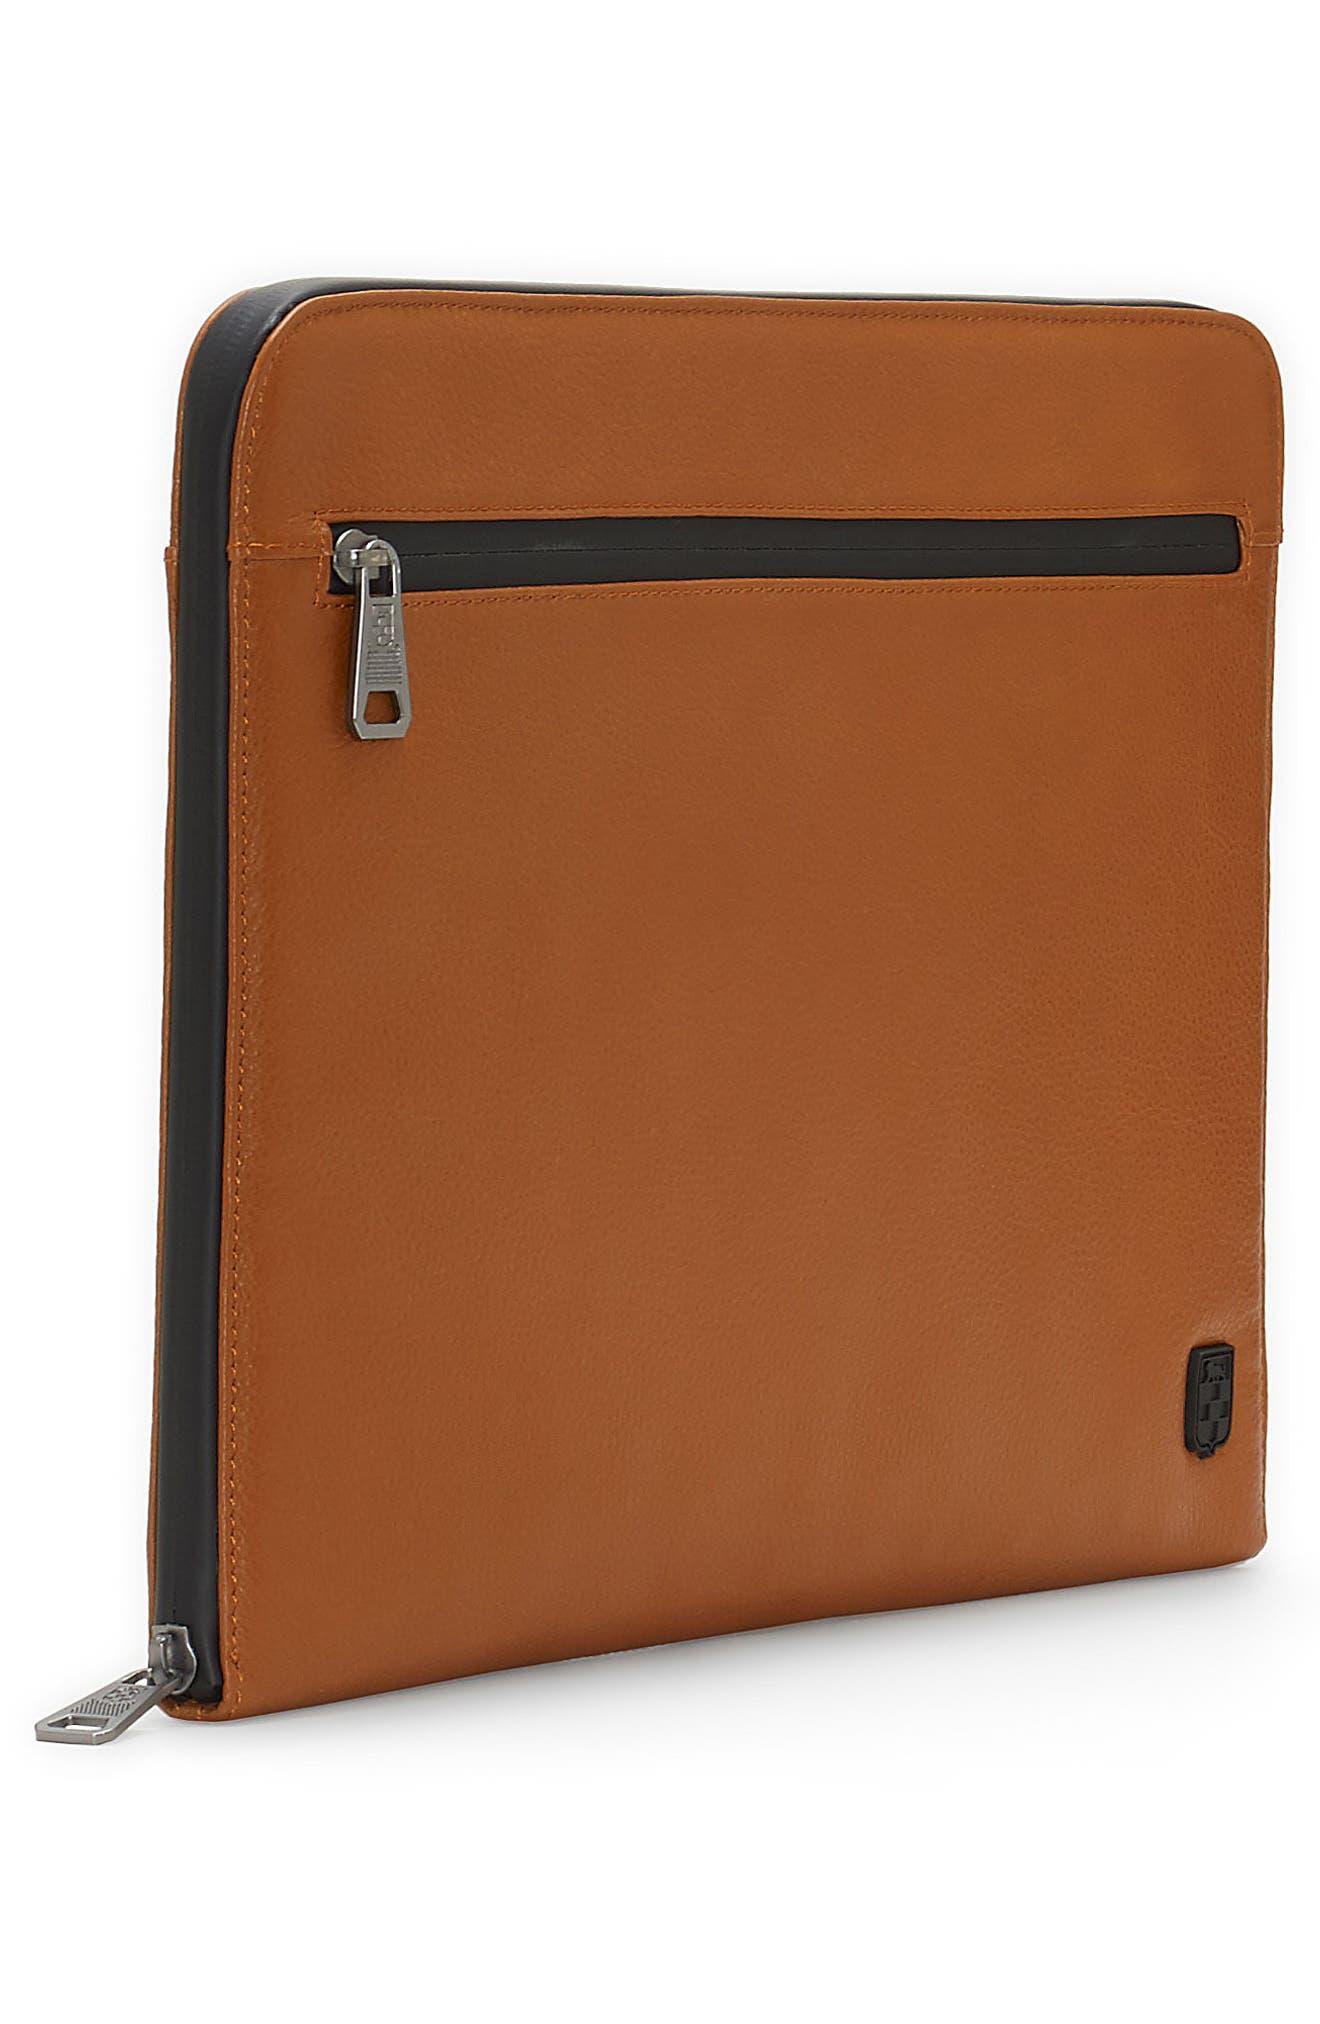 Purio Leather Portfolio,                             Alternate thumbnail 4, color,                             201